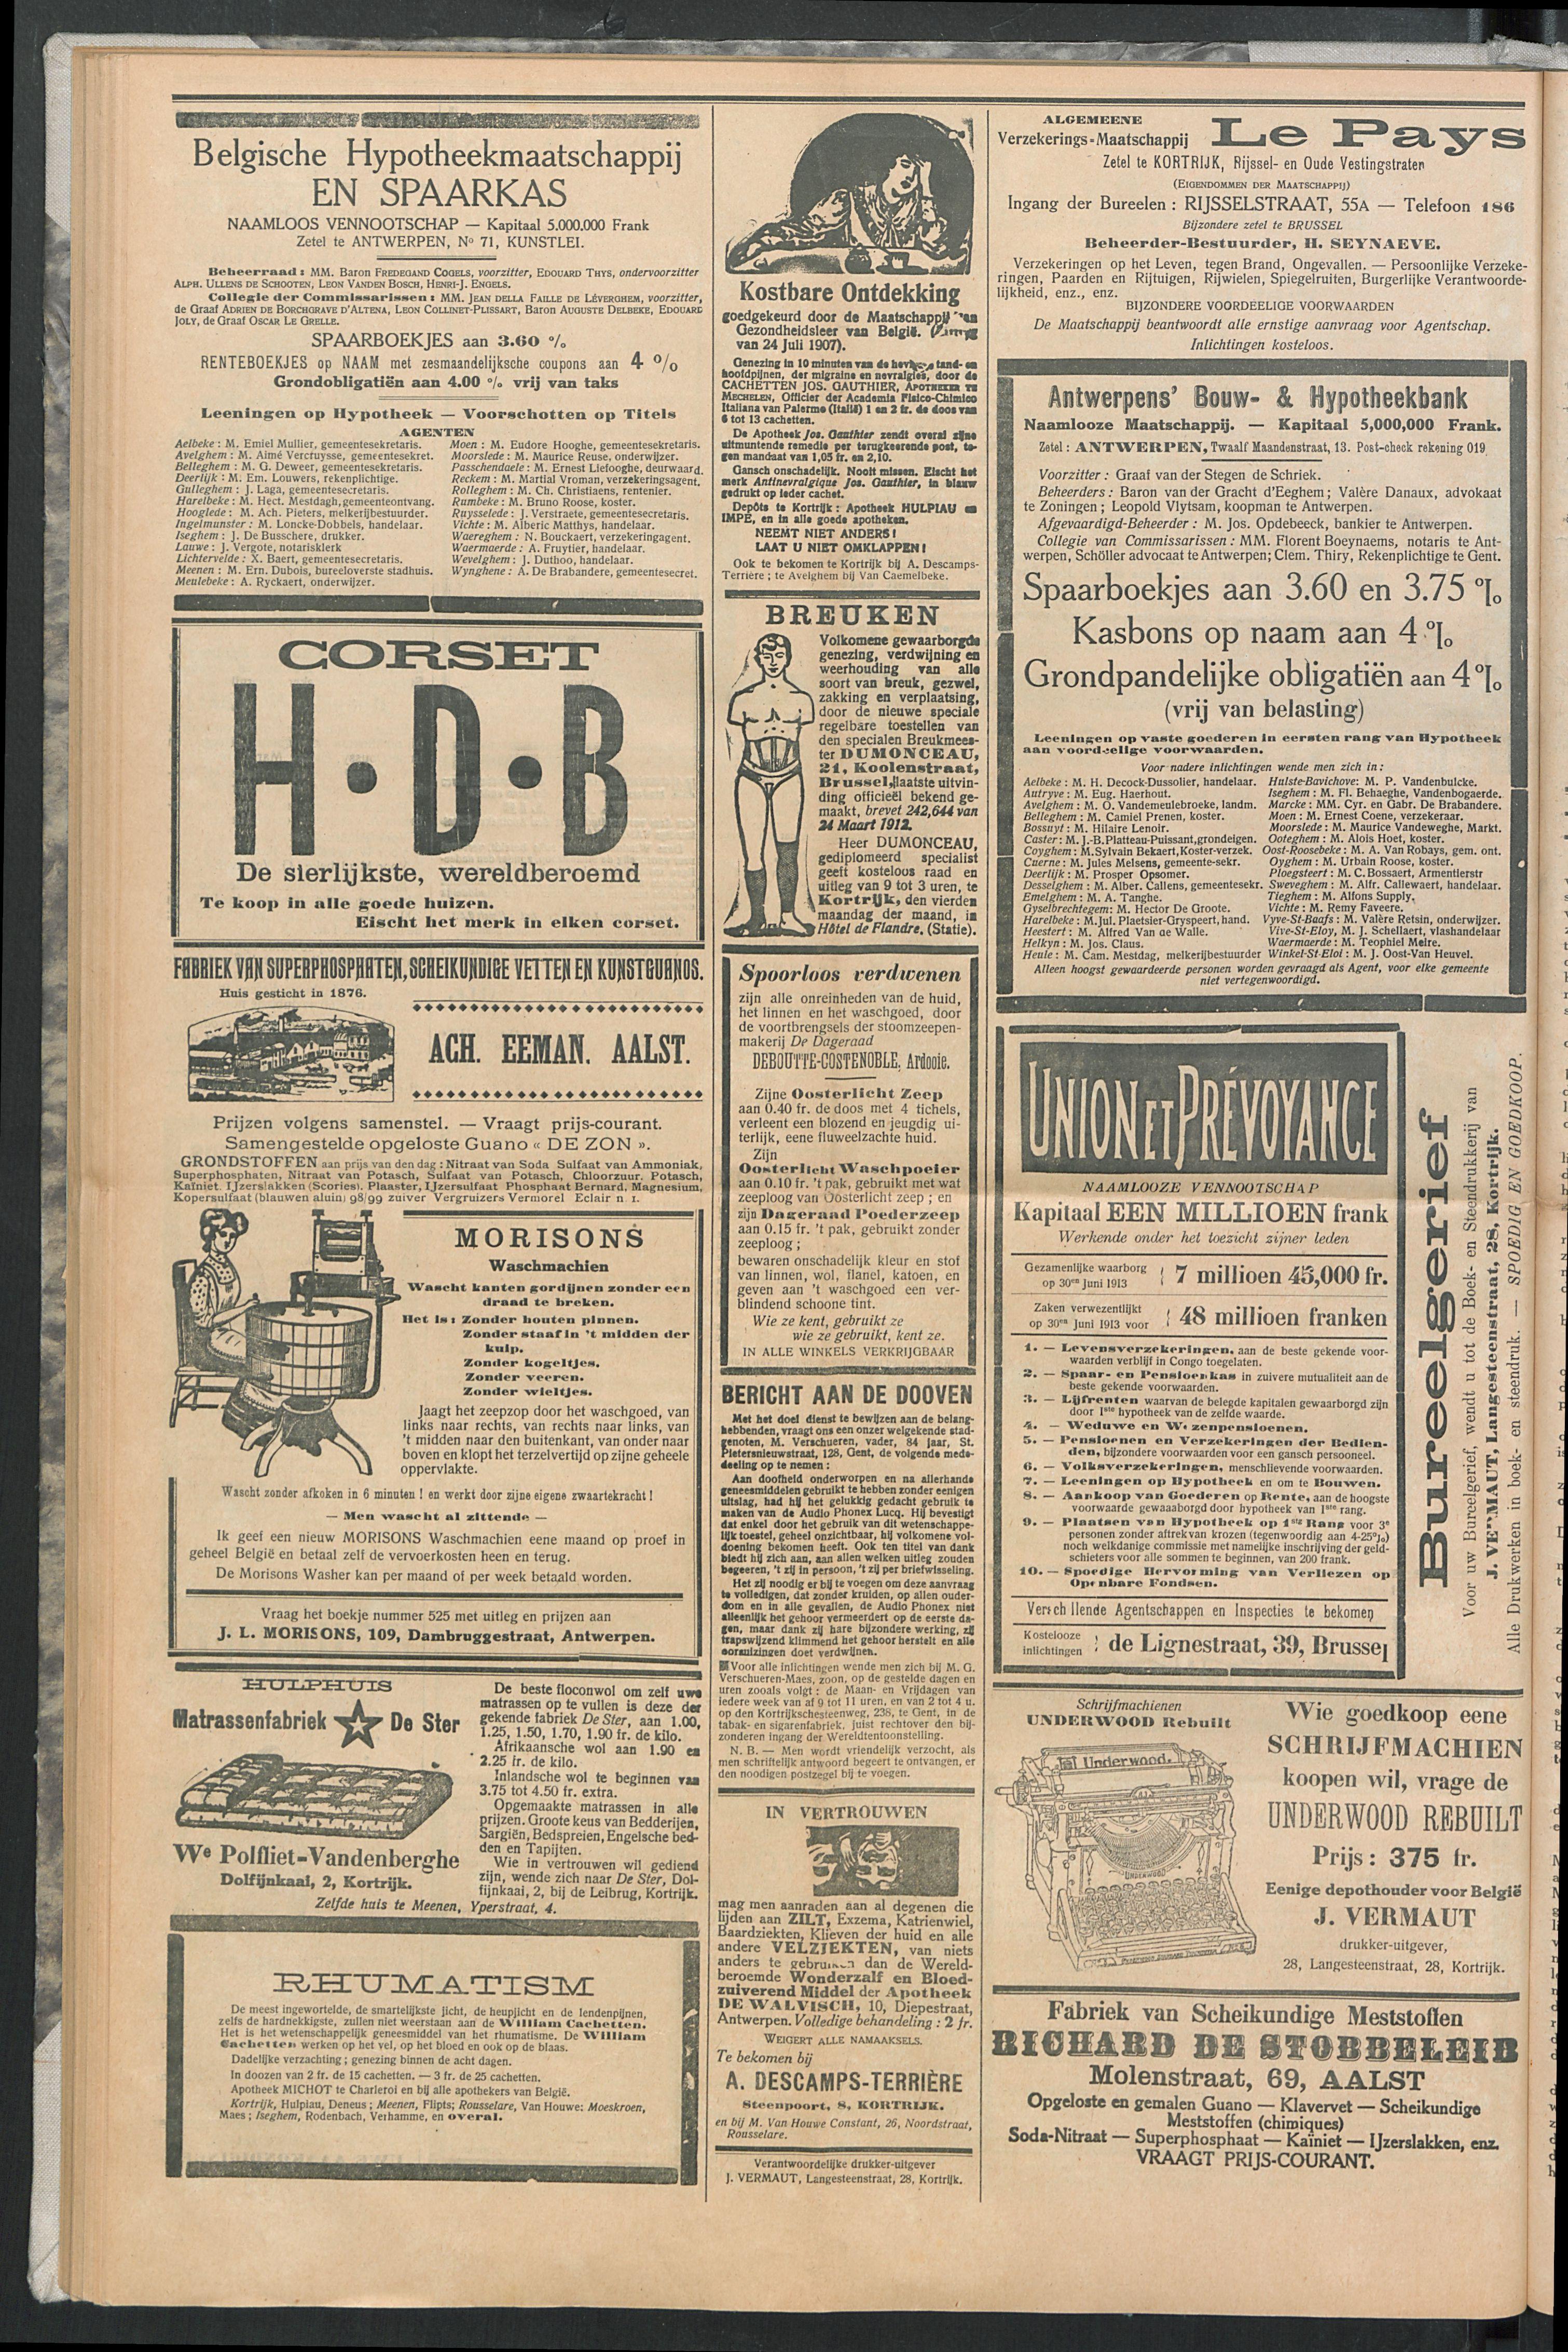 Het Kortrijksche Volk 1914-05-24 p8